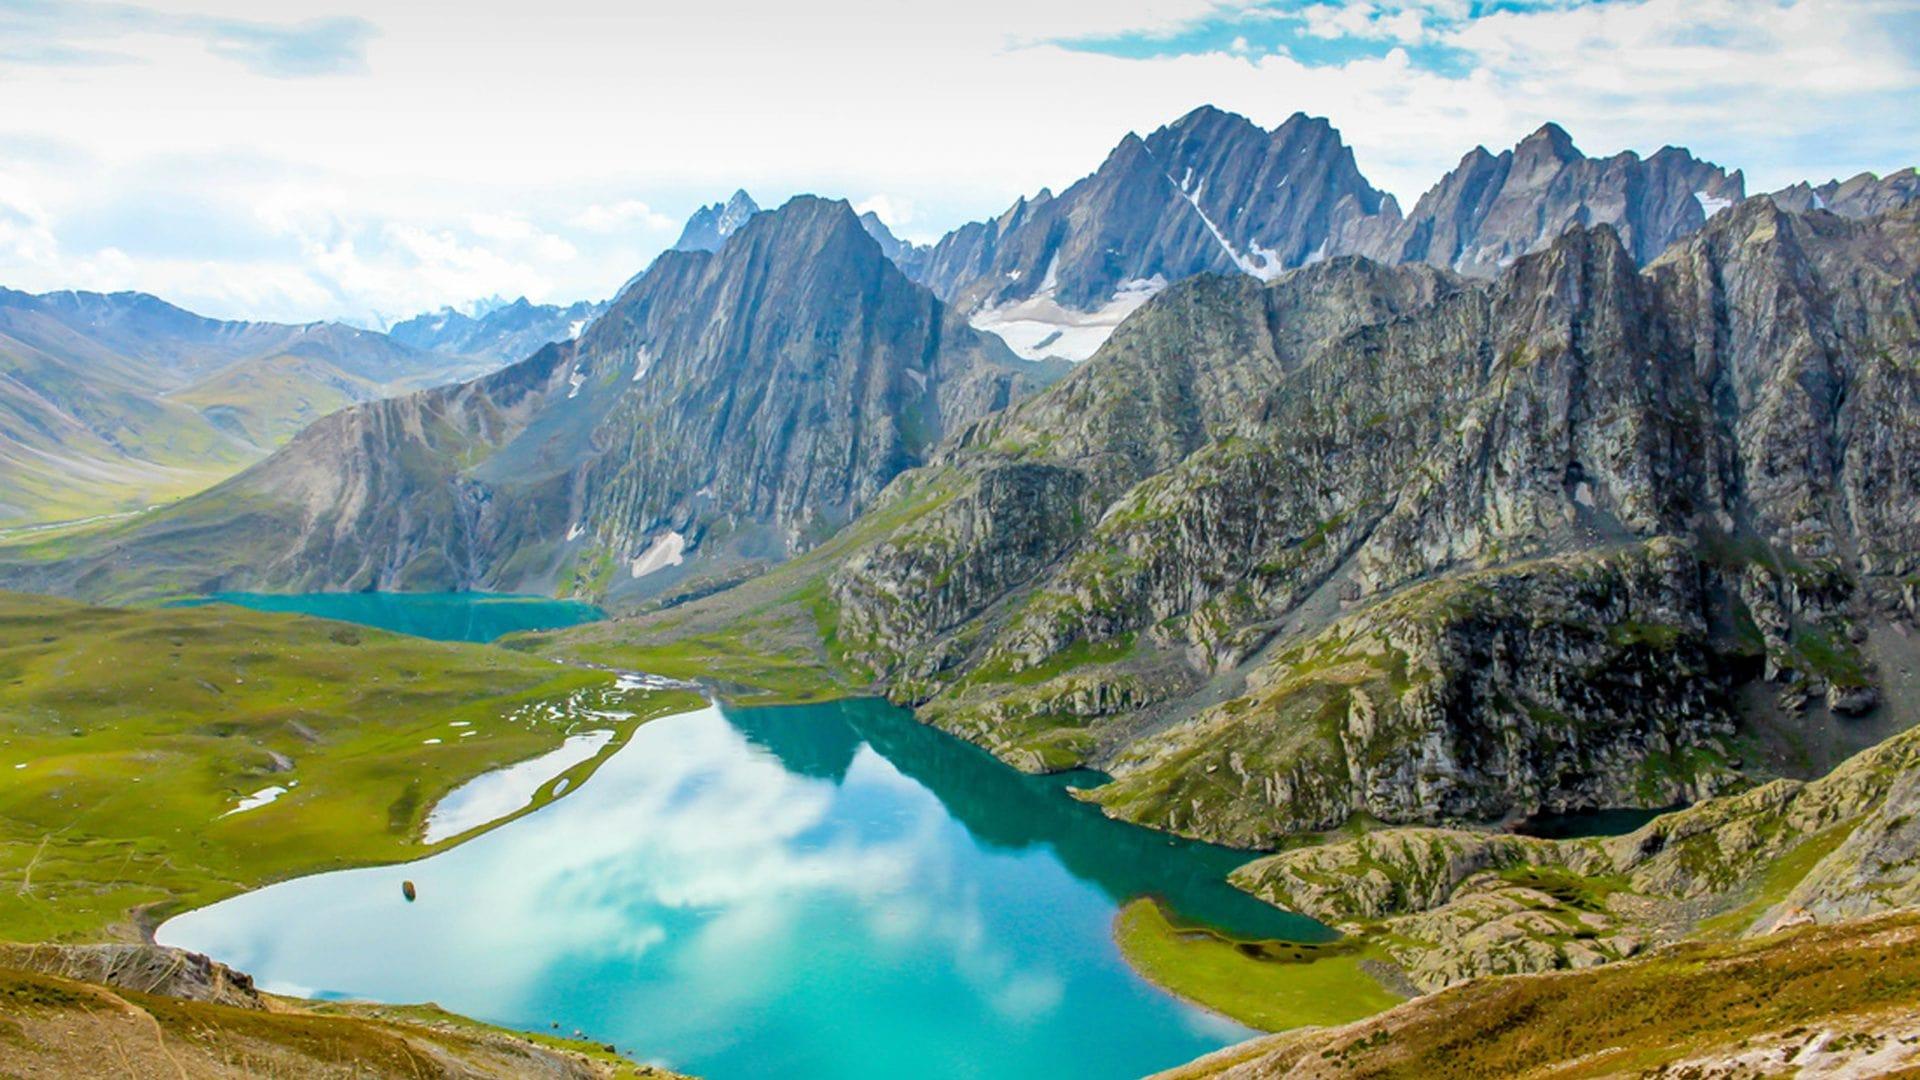 gadsar-pass-on-the-kashmir-lakes-trek-desktop-wallpaper-hd